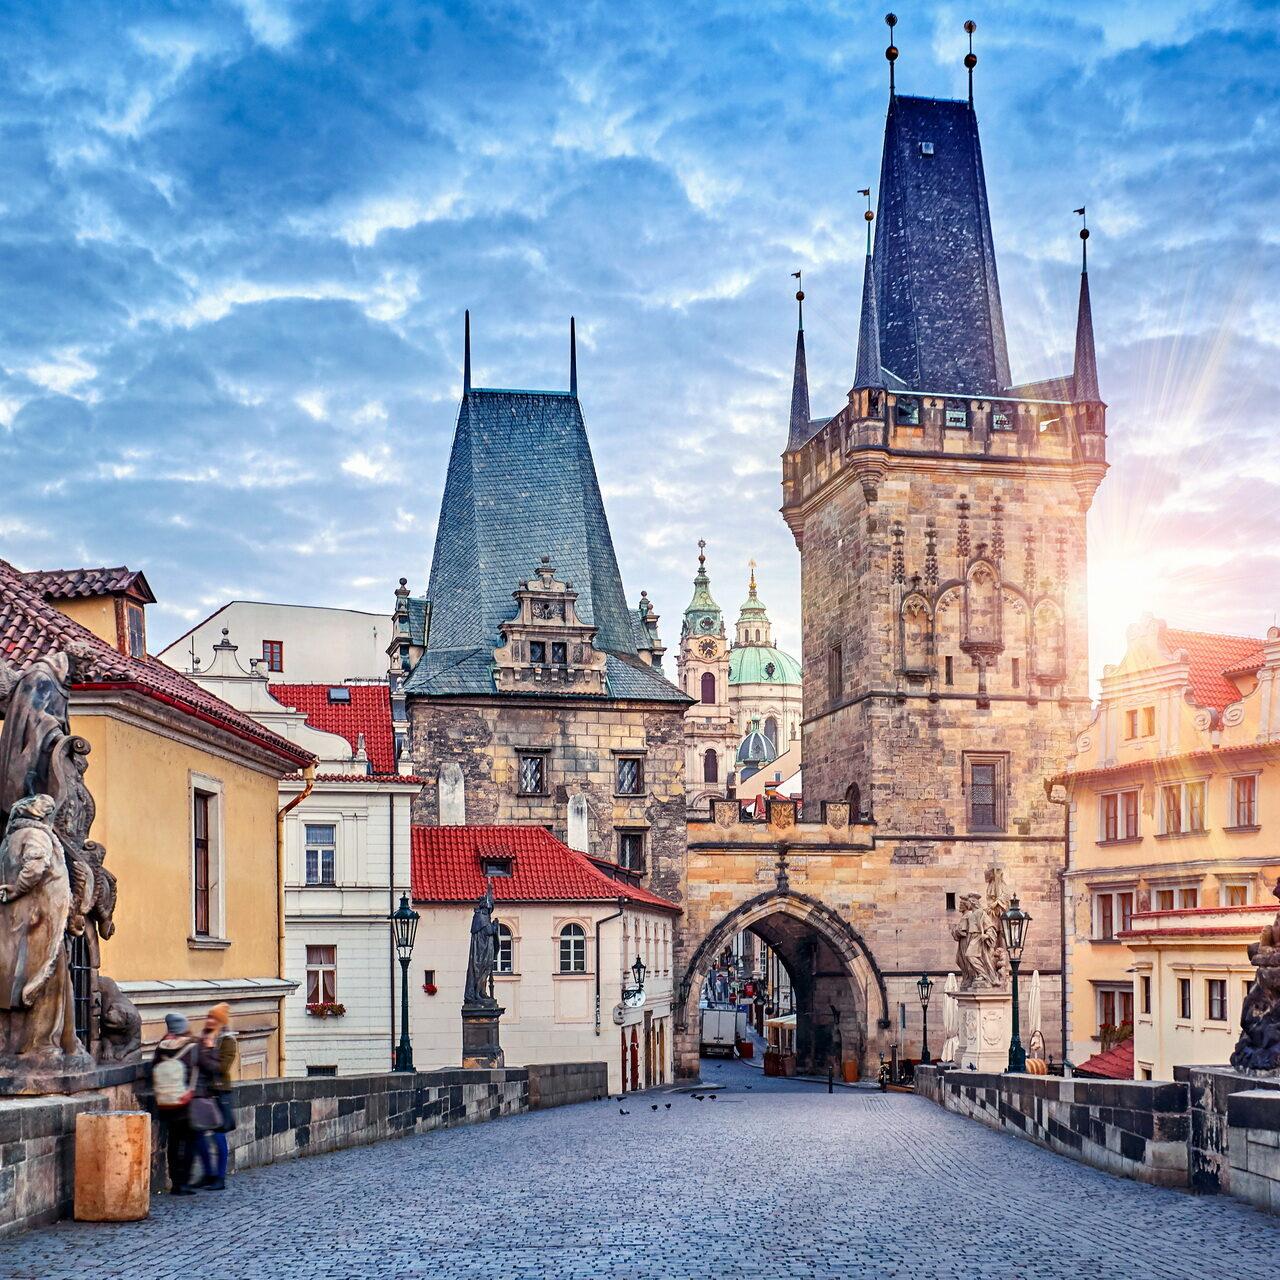 MEAG finanziert das erste PPP-Projekt in Tschechien